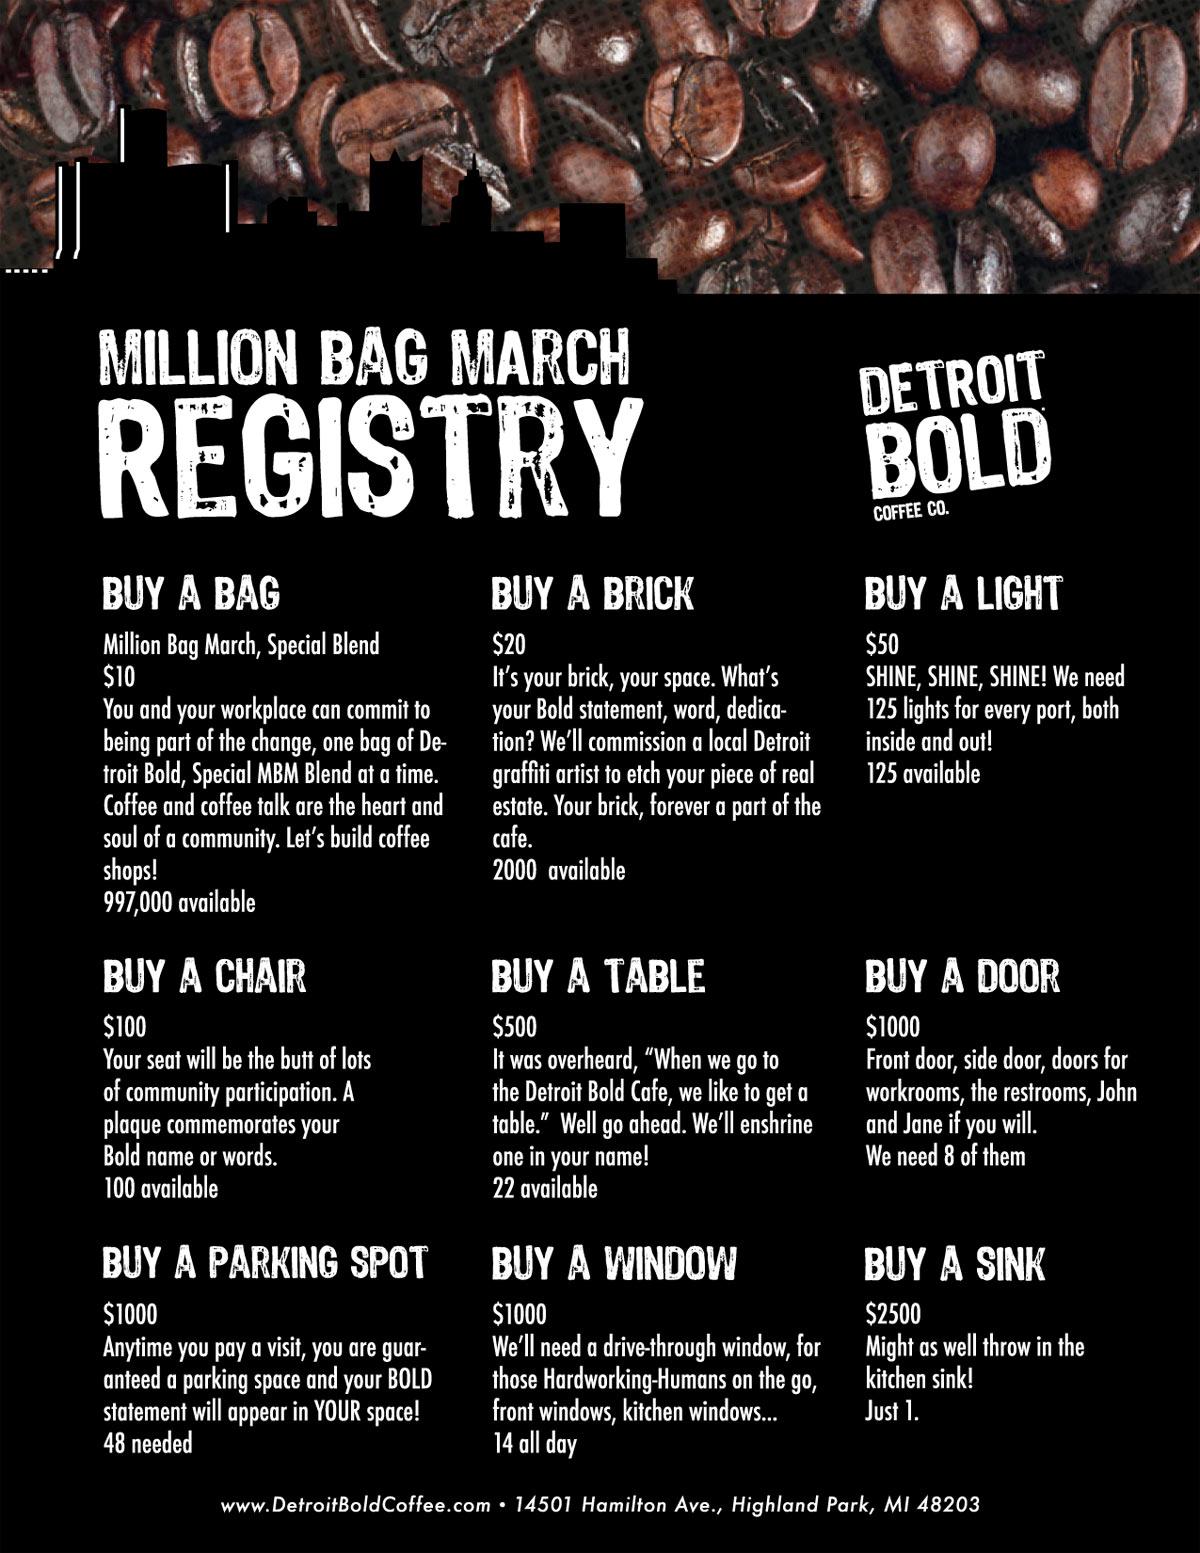 MBM-Registry